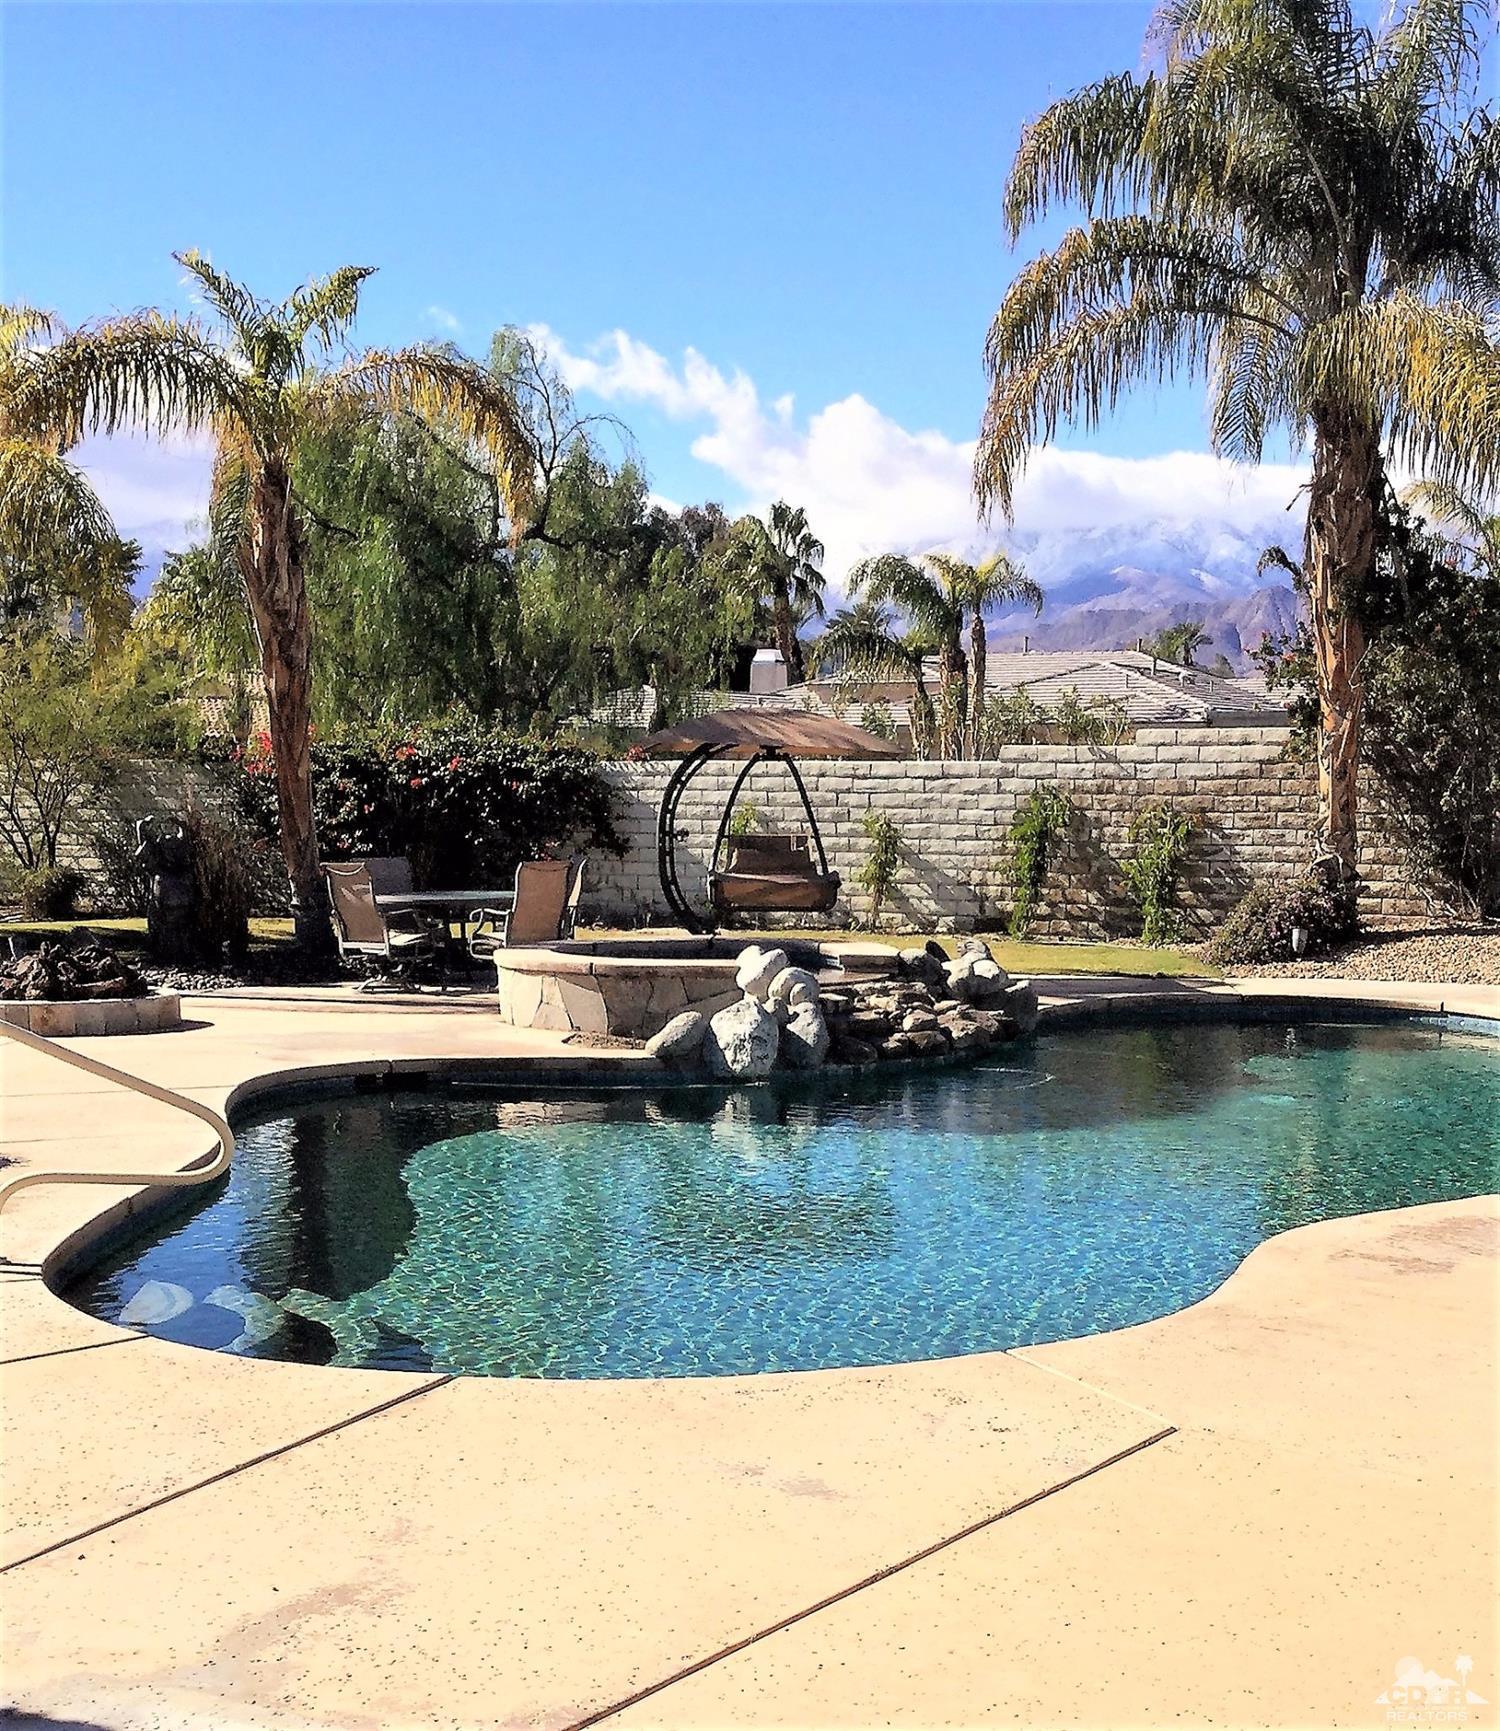 39 Killian Way, Rancho Mirage, CA 92270